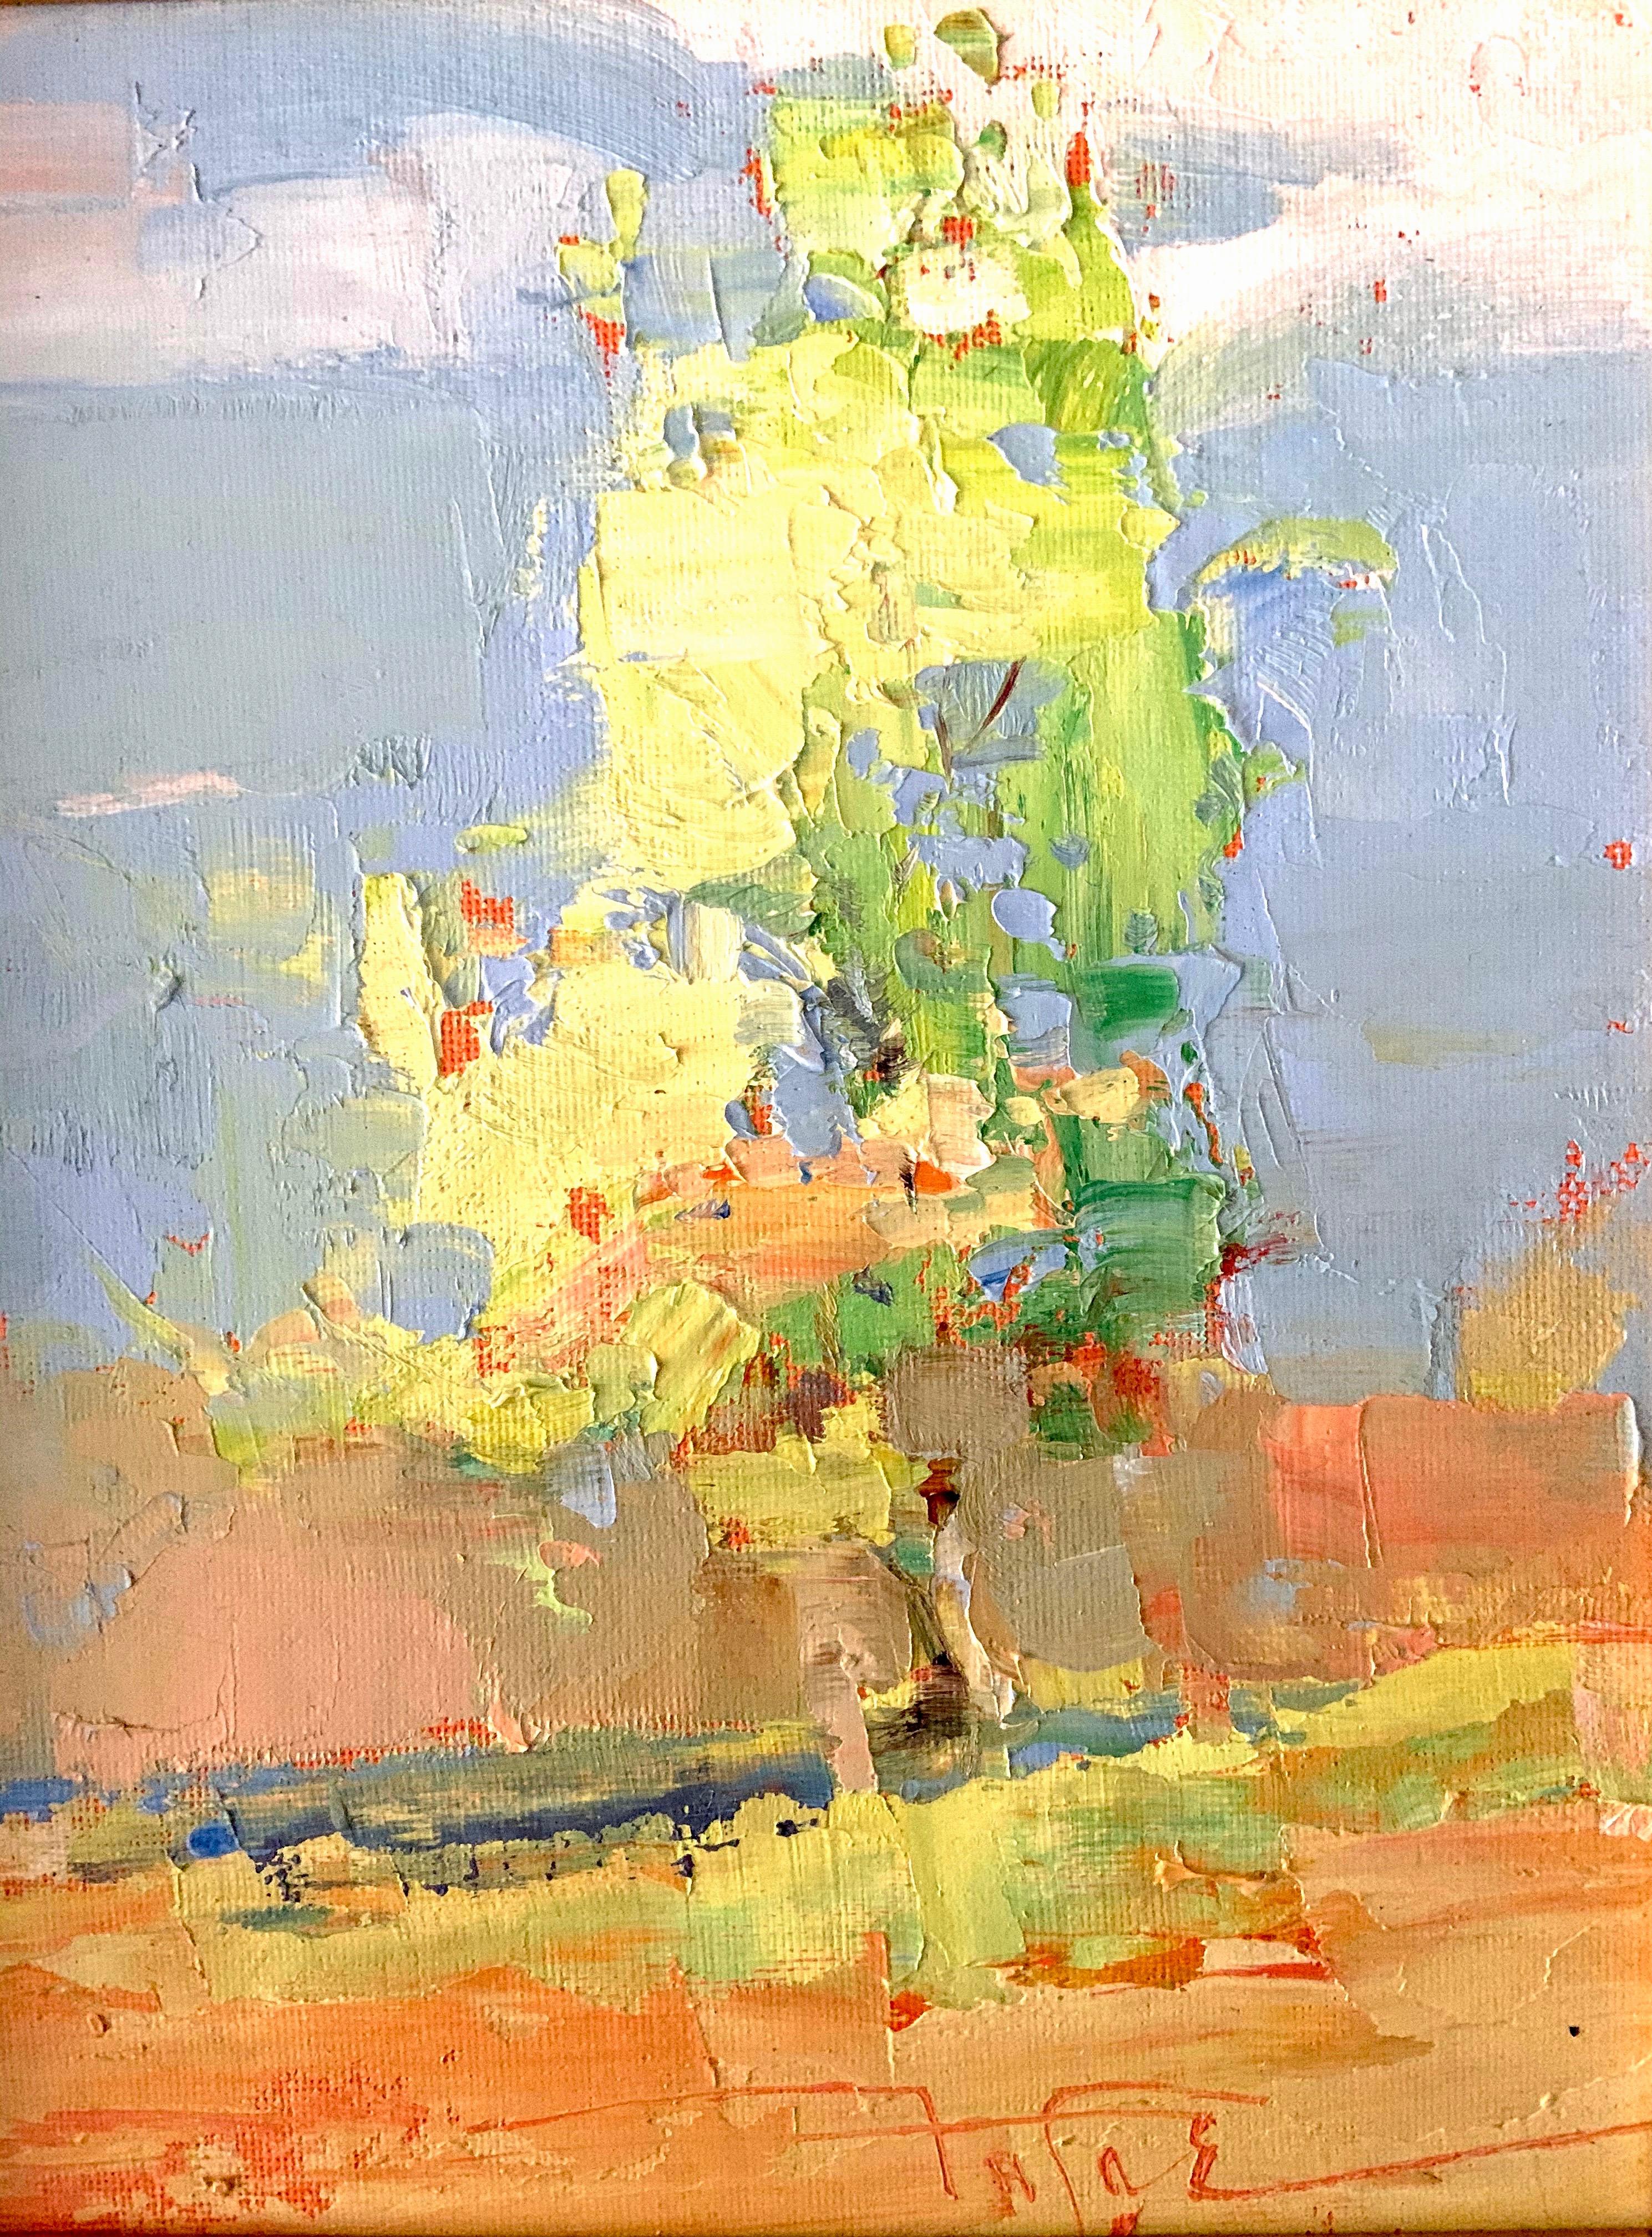 Sunny Green-Bikbov $800 oil 7x9